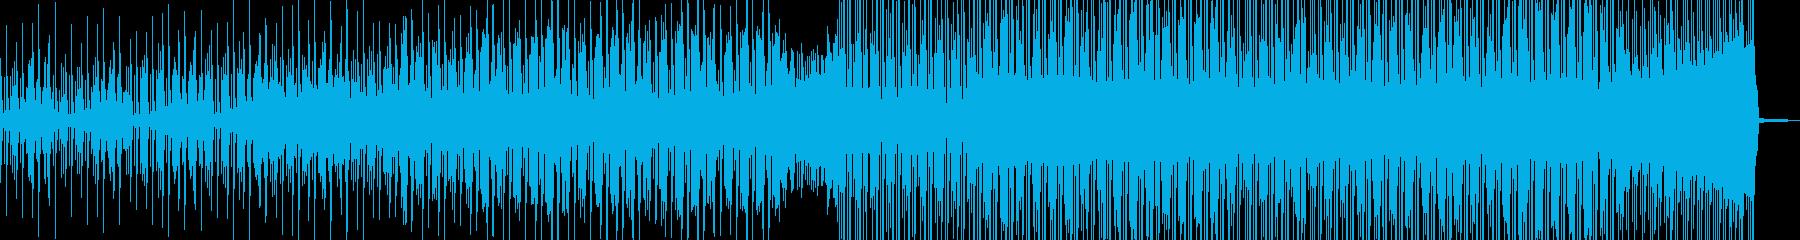 親近感が沸く動画演出 ウクレレポップ Bの再生済みの波形